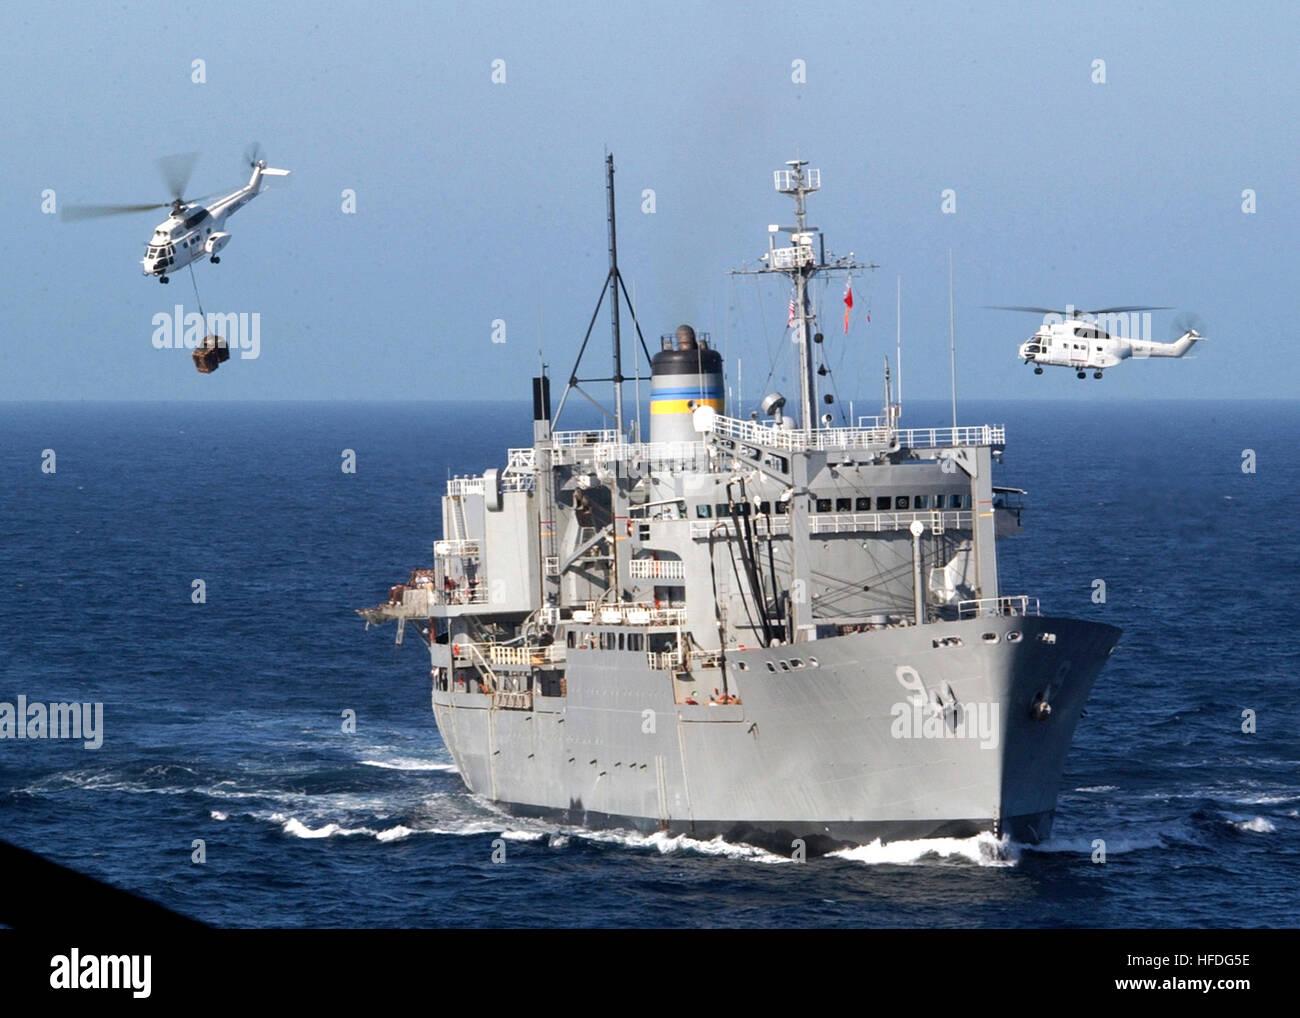 020224 n 6492h 513 at sea aboard uss john f kennedy cv 67 feb 24